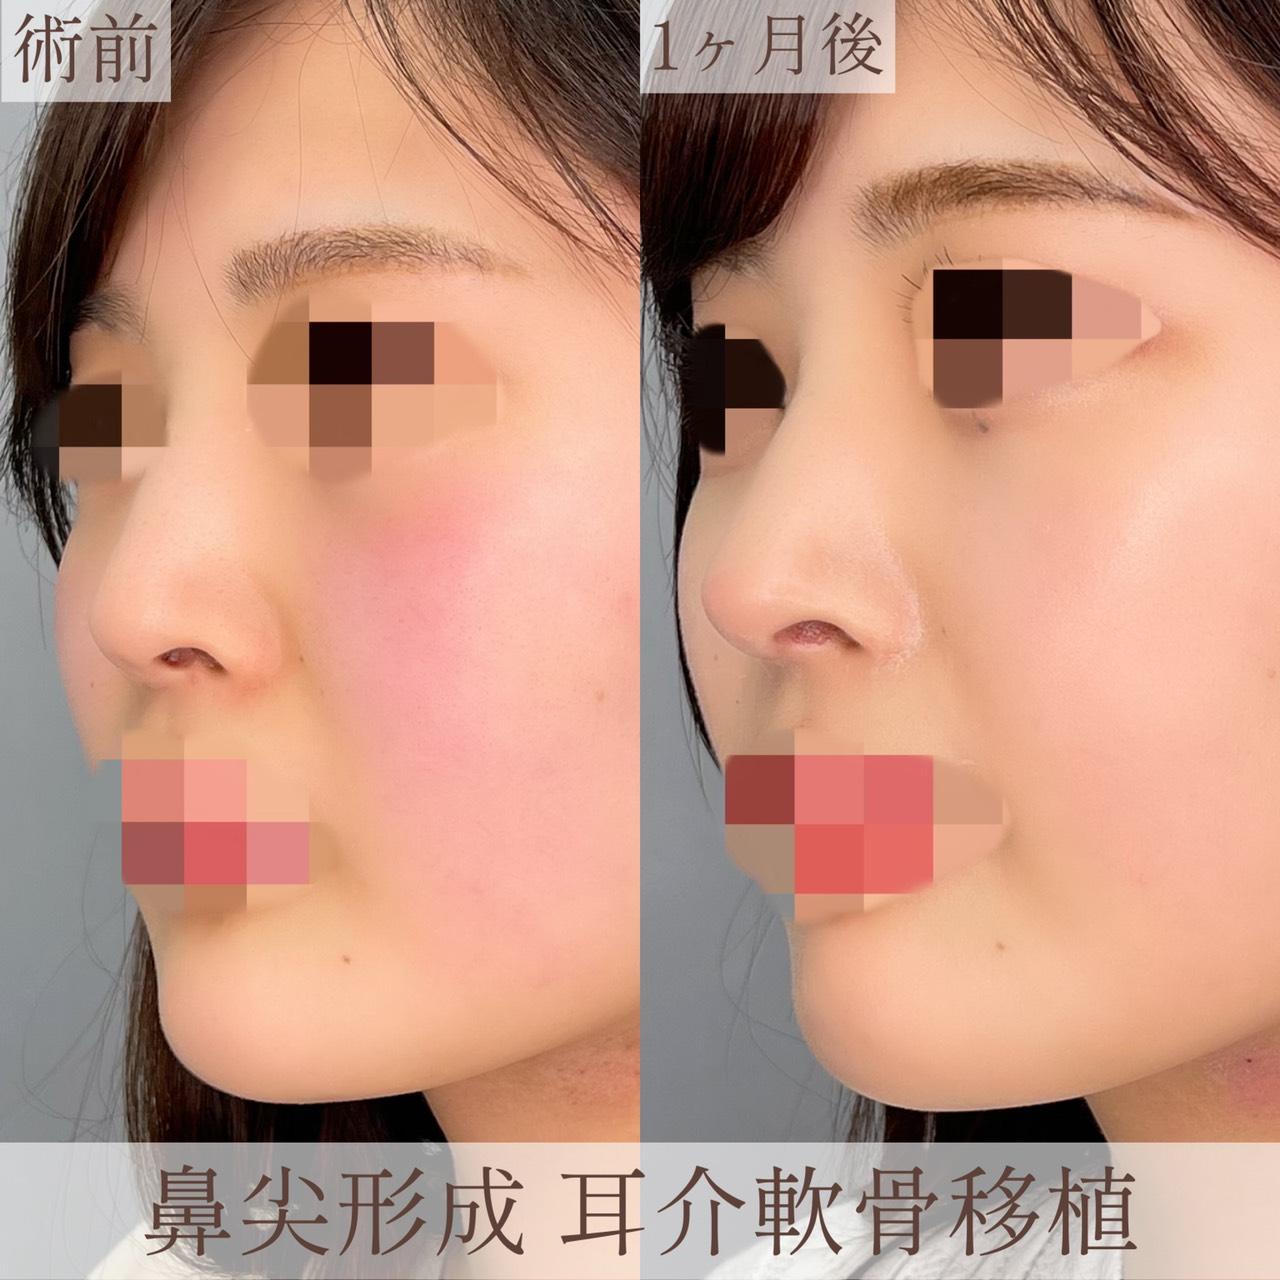 鼻尖形成 耳介軟骨移植の画像